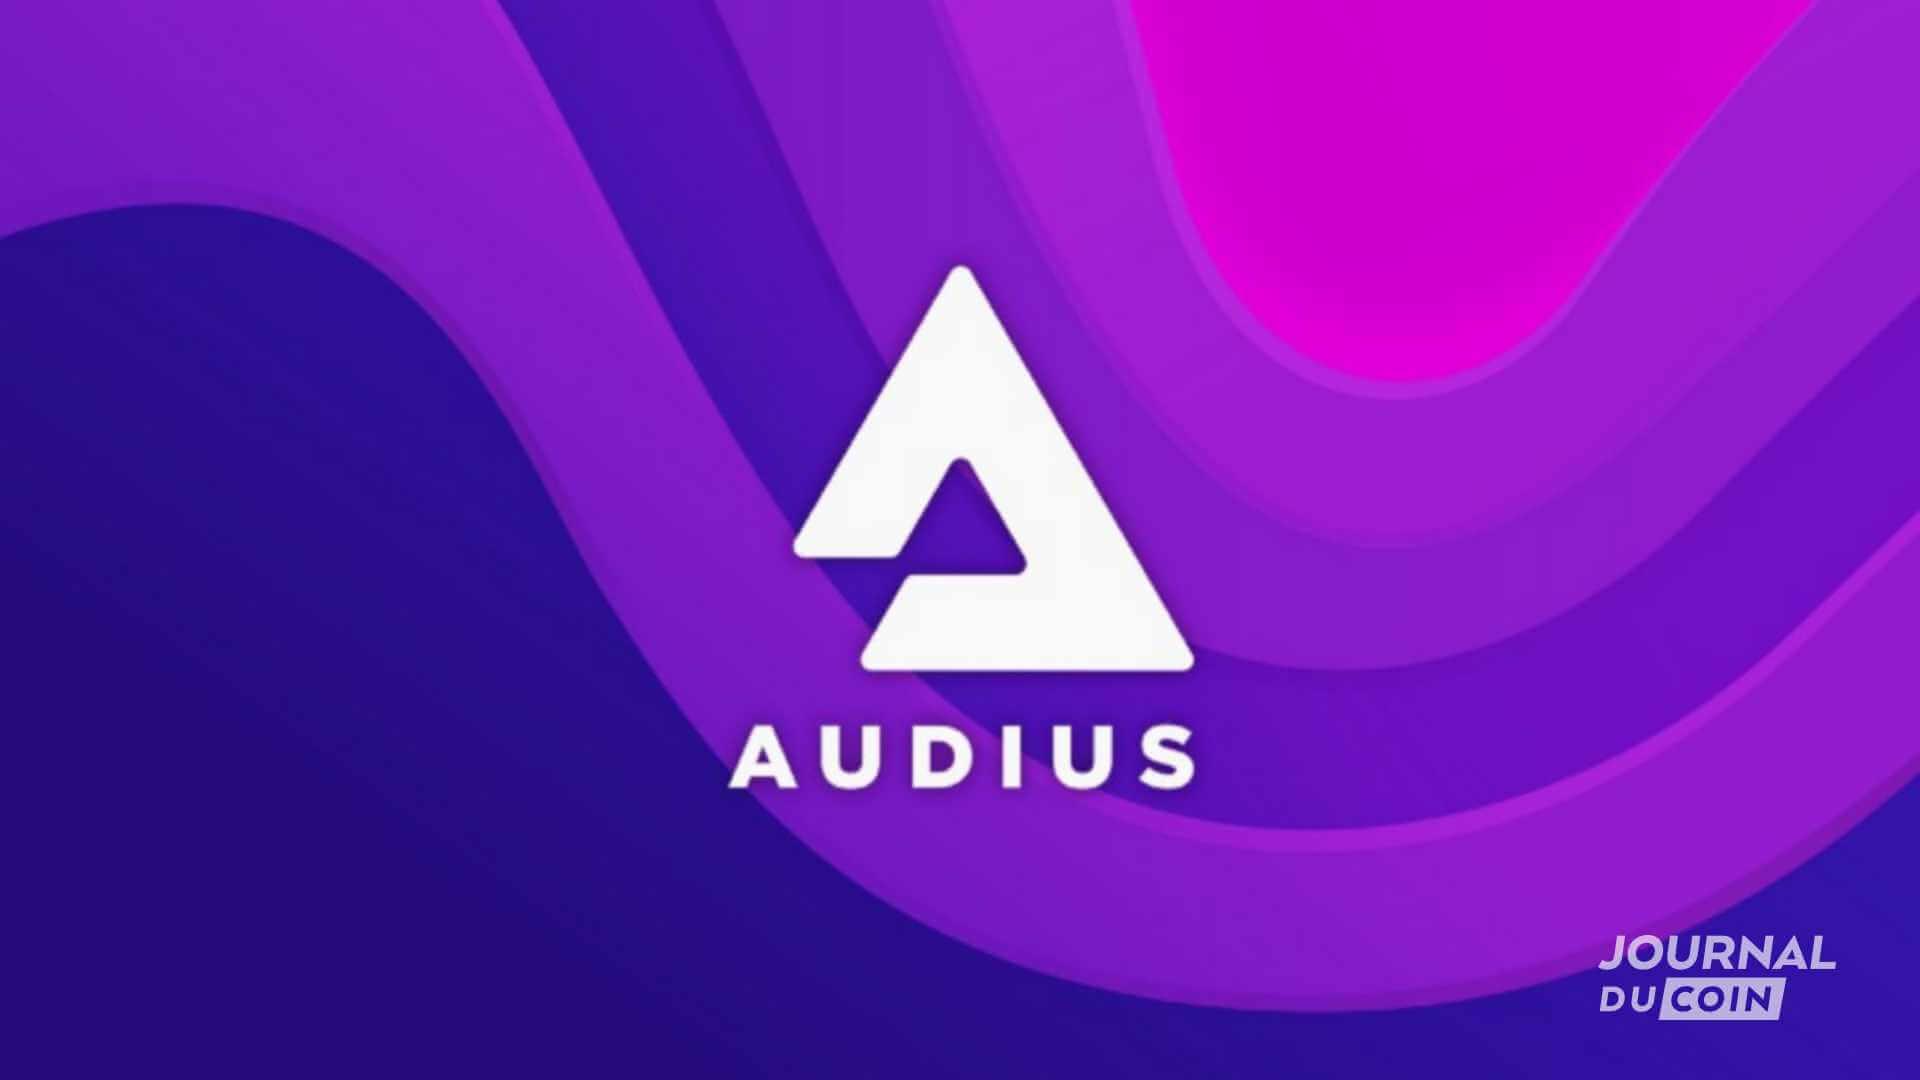 L'industrie musicale, future victime de la révolution blockchain ? Audius (AUDIO) au sommet des charts !